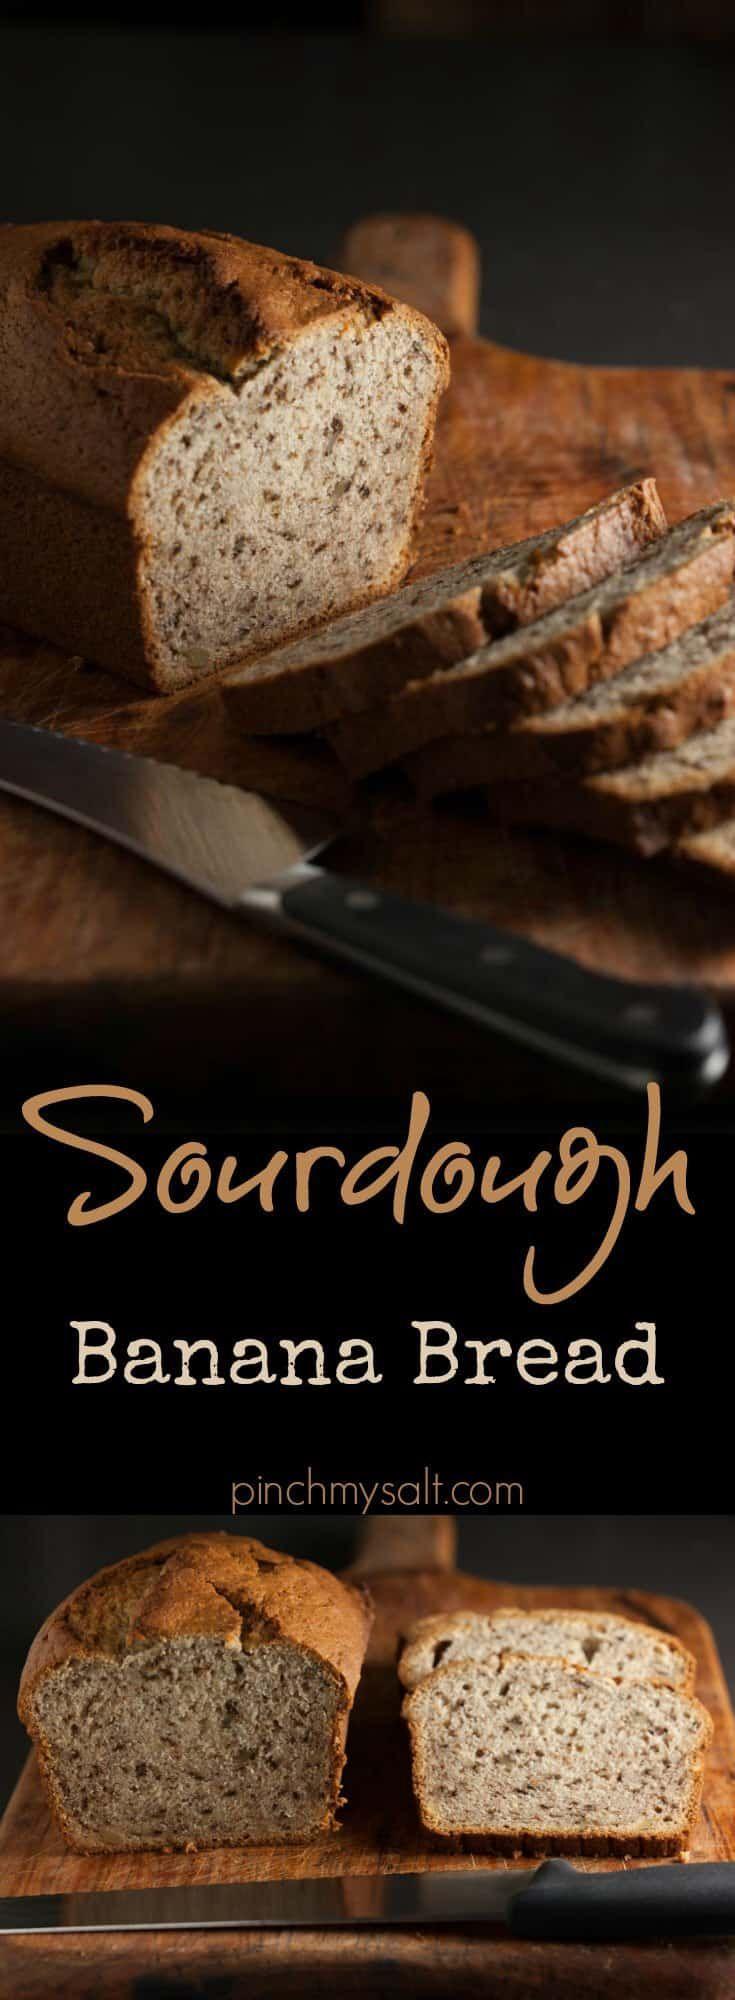 Sourdough Banana Bread Recipe